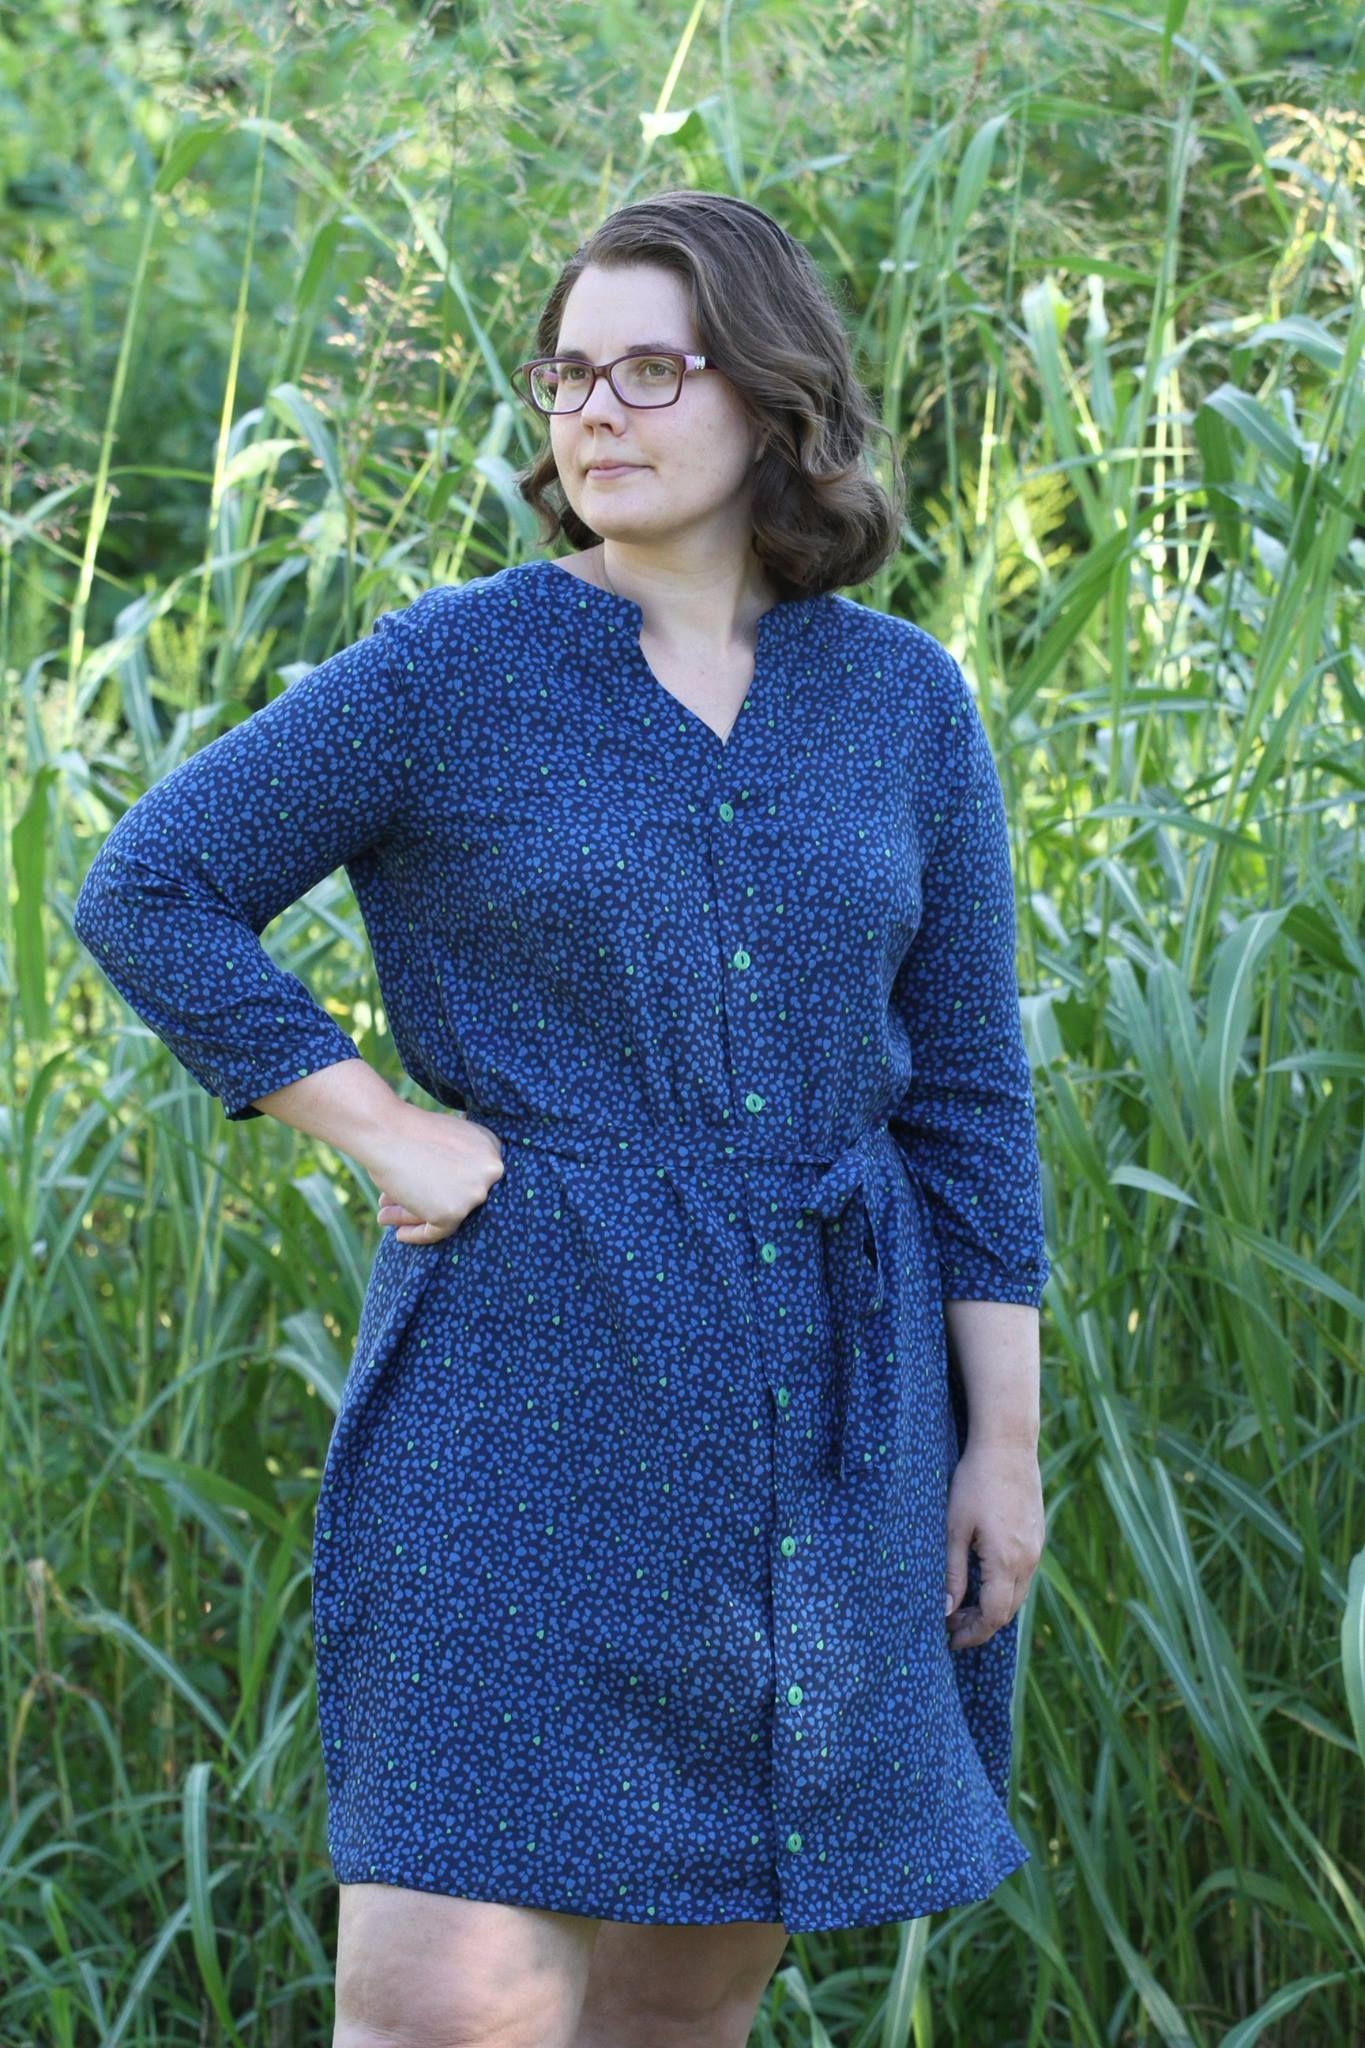 Bonn Shirt & Dress PDF Sewing Pattern | Bonn dress - Itch to stitch ...